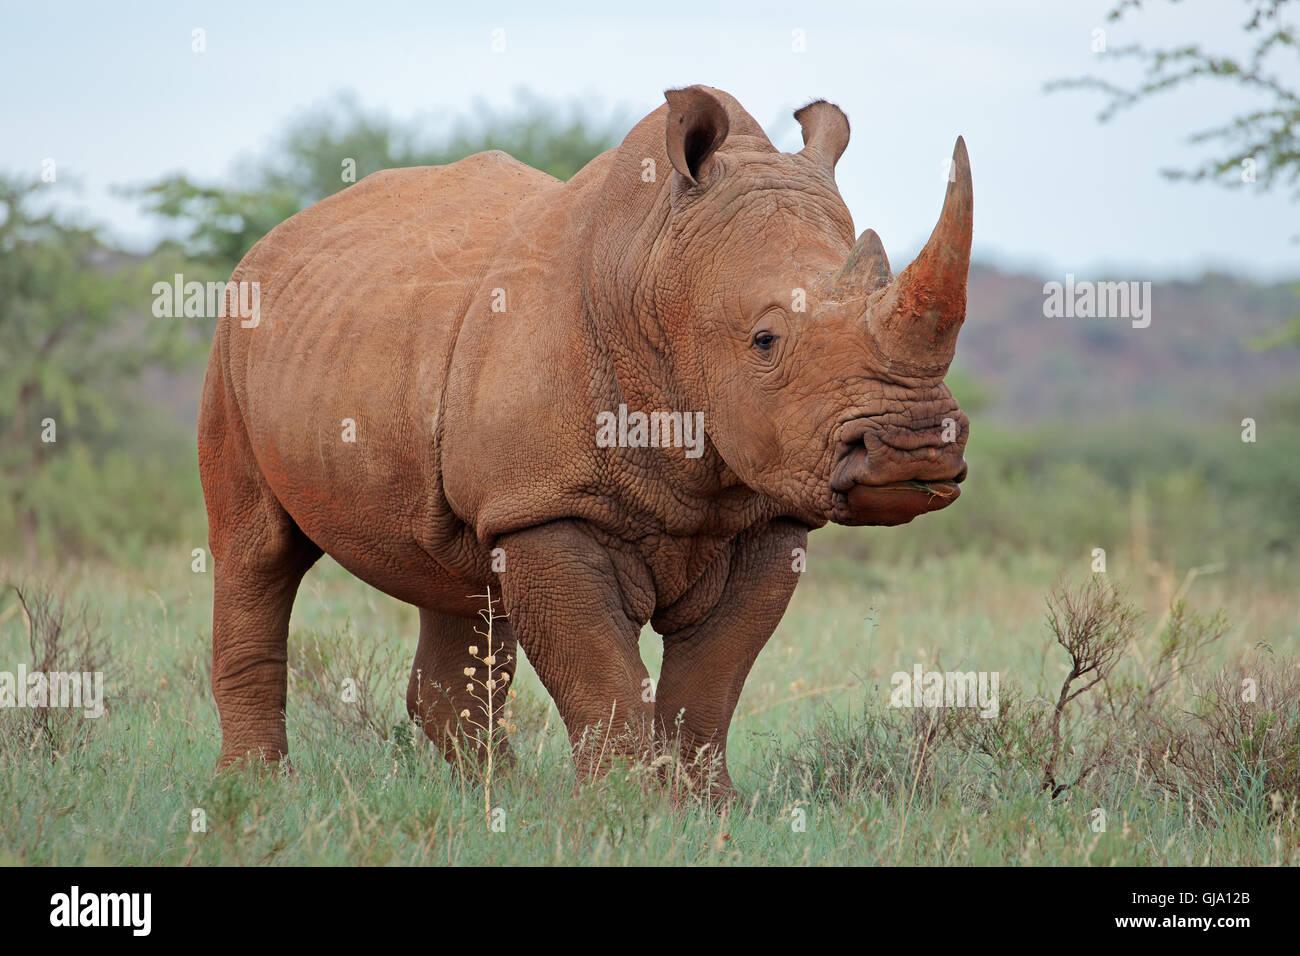 Un rhinocéros blanc (Ceratotherium simum) dans l'habitat naturel, l'Afrique du Sud Photo Stock